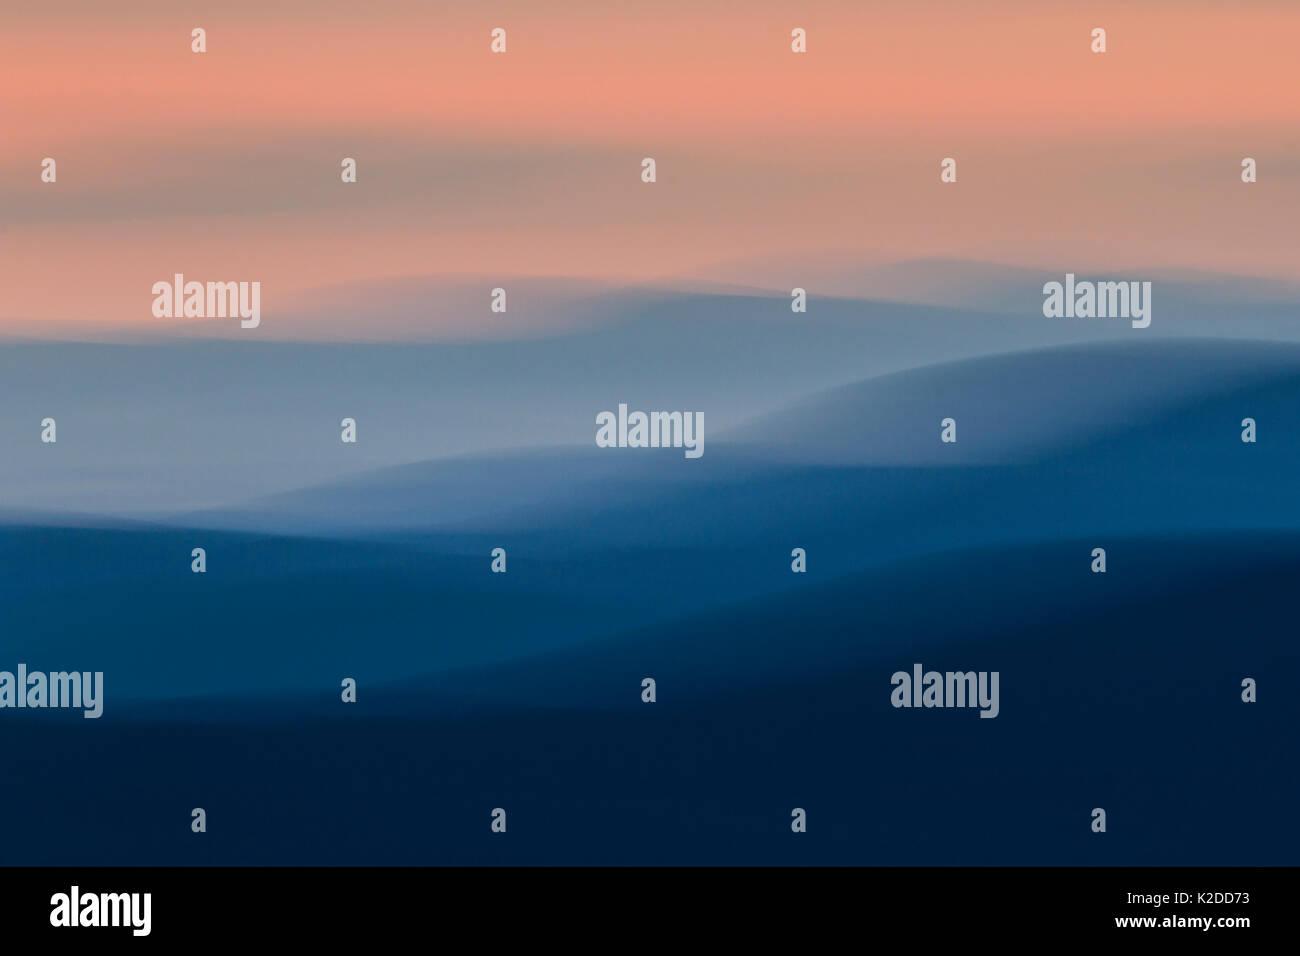 Abstract delle montagne al tramonto, Cairngorms National Park, Scozia, luglio 2014. Immagini Stock